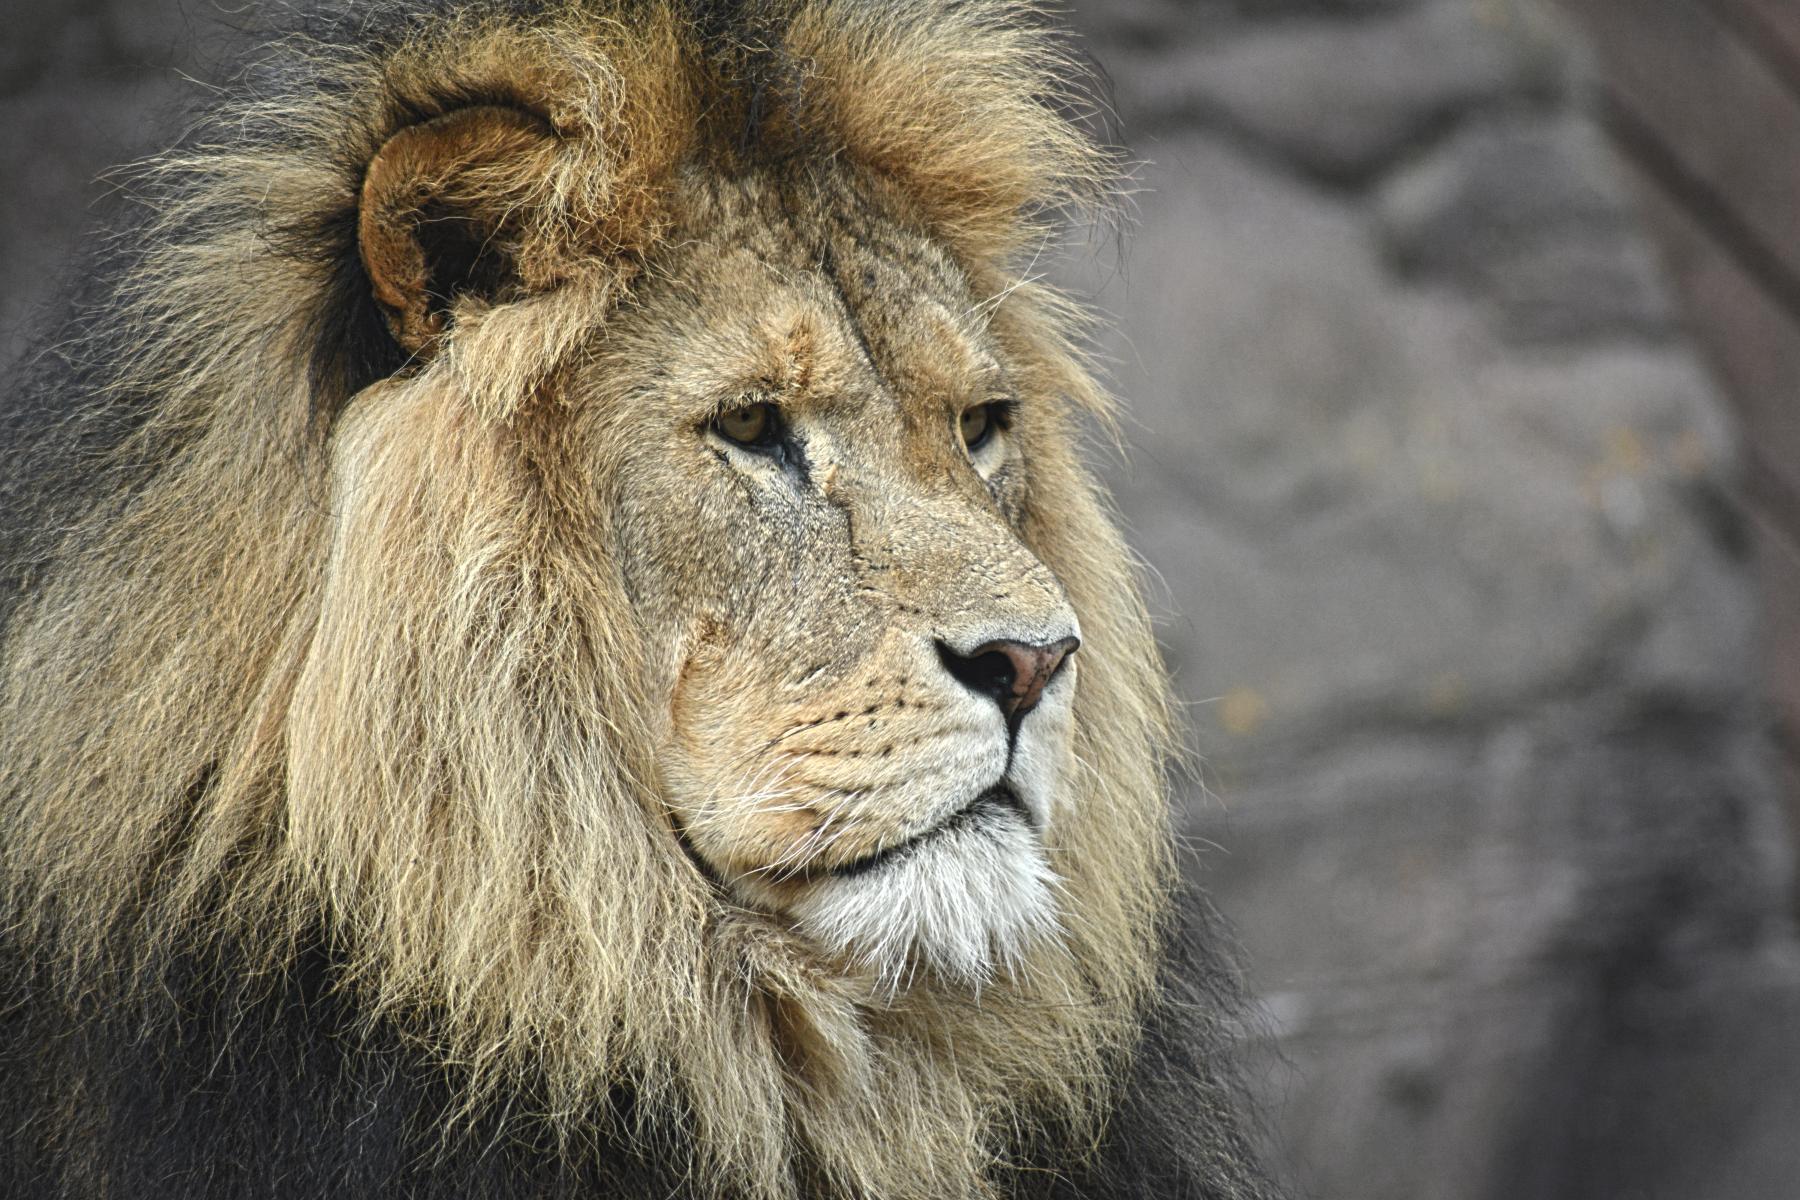 Gott schickte seine Engel, um Daniel in der Löwengrube zu beschützen. Gott schickt seine Engel, um auch Sie in der Löwengrube der ÄngsteBedrängnis  bestens zu behüten (Foto: unsplash.com)